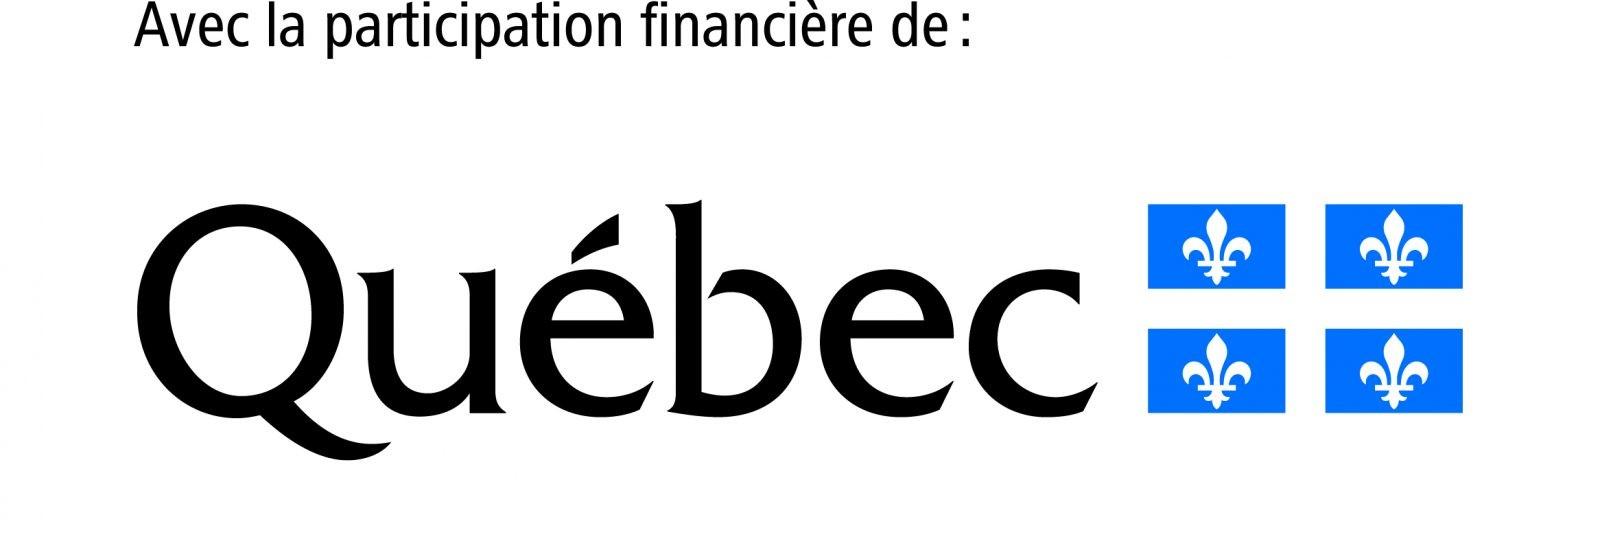 Montez de niveau.ca. Consultez la liste des cours de perfectionnement offerts sur l'île de Montréal. Certaines conditions s'appliquent. La priorité est donnée aux personnes en emploi. En collaboration avec des établissements d'enseignement de la région. Avec la participation financière du Gouvernement du Québec.